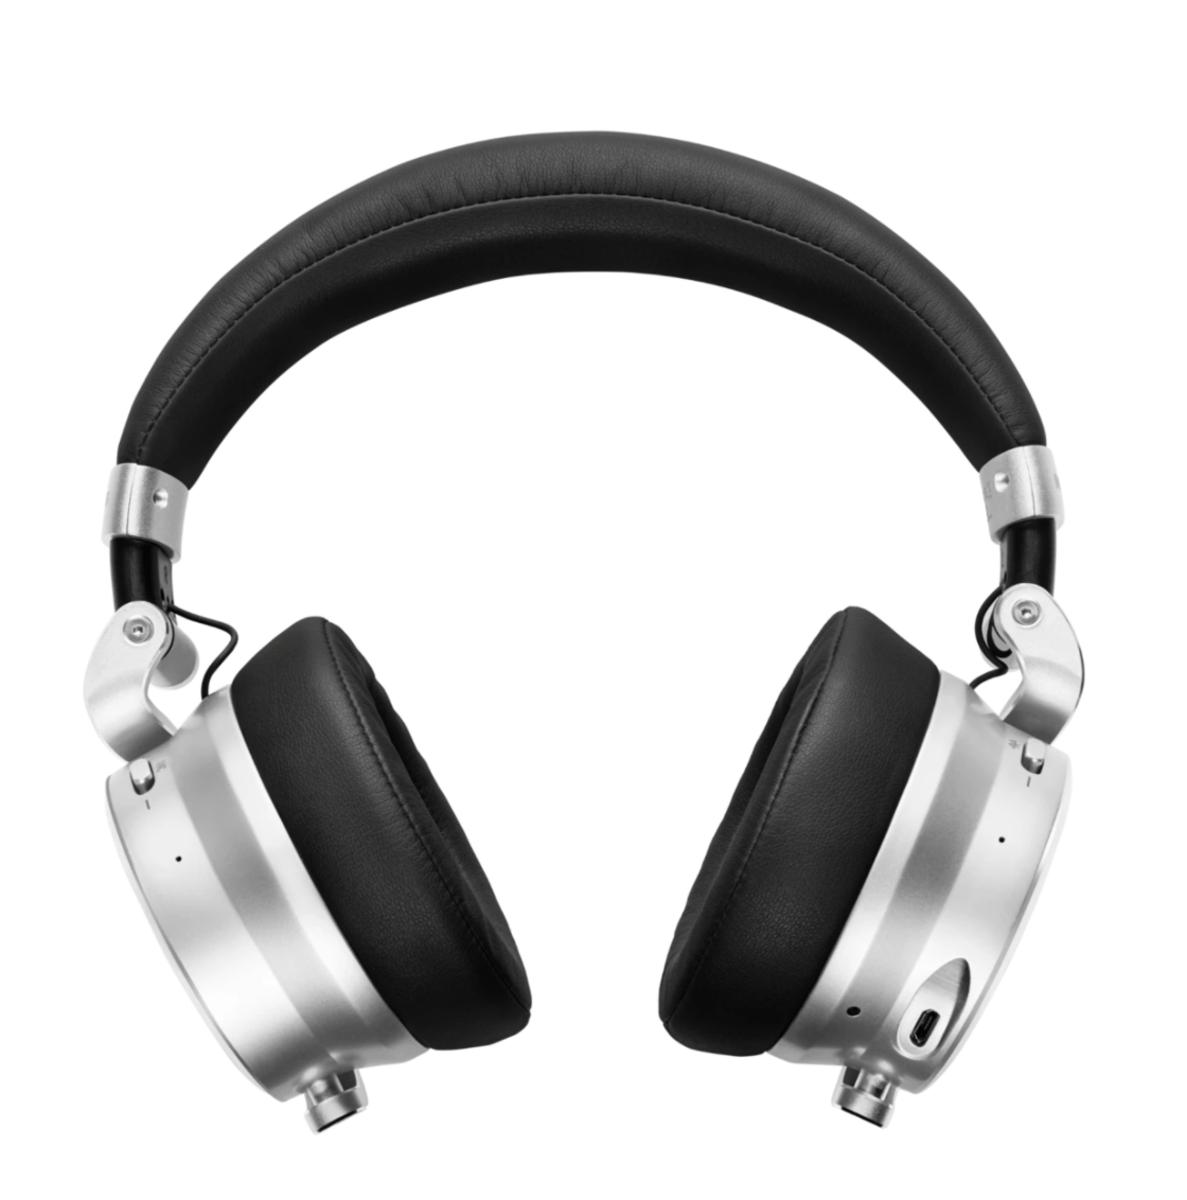 Meters OV-1-B Connect Headphone